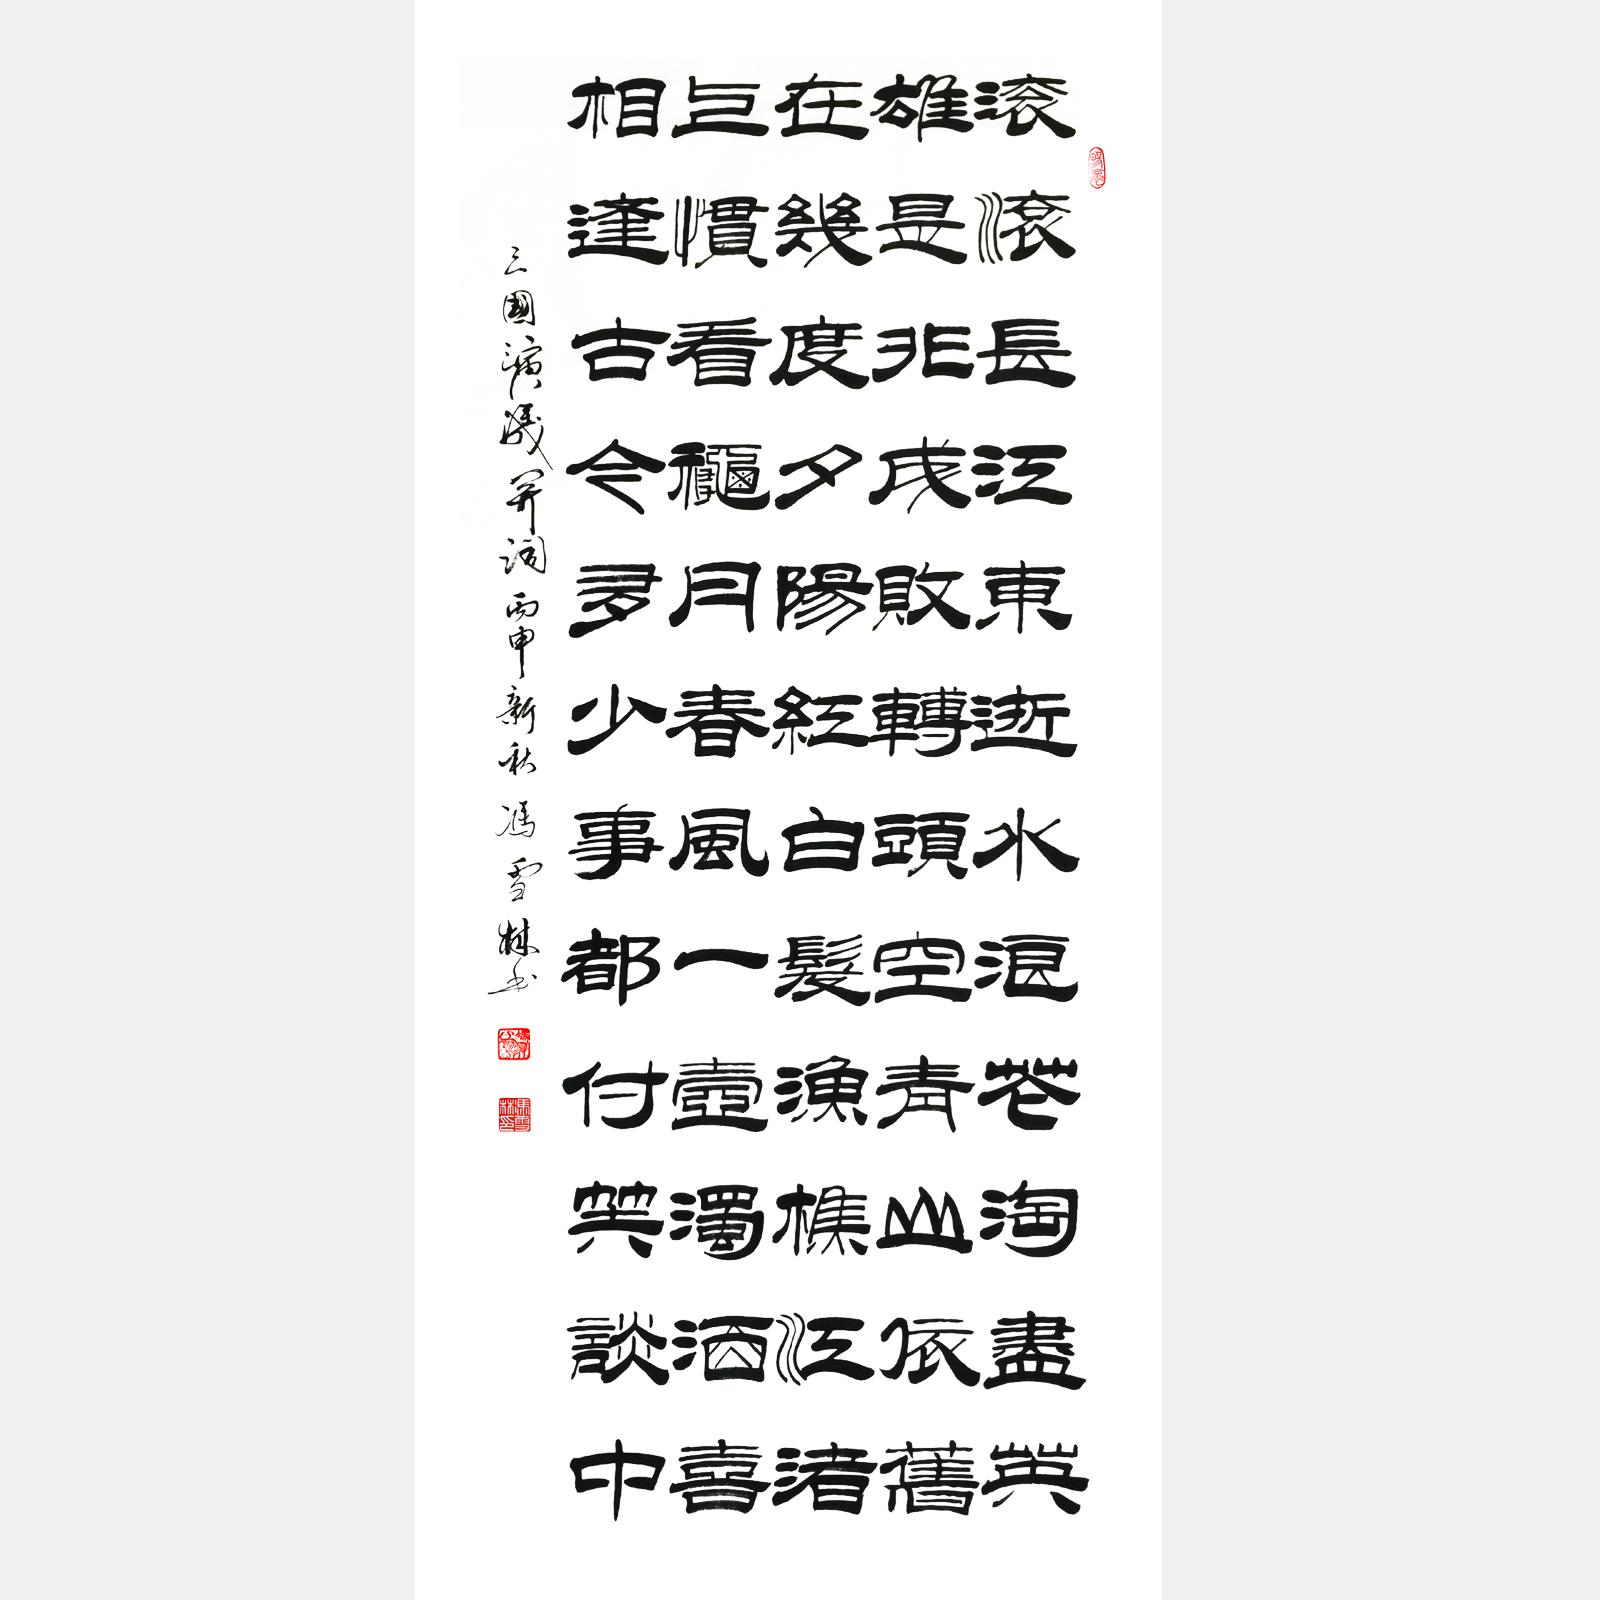 《三国演义开篇词》《临江仙・滚滚长江东逝水》隶书书法作品